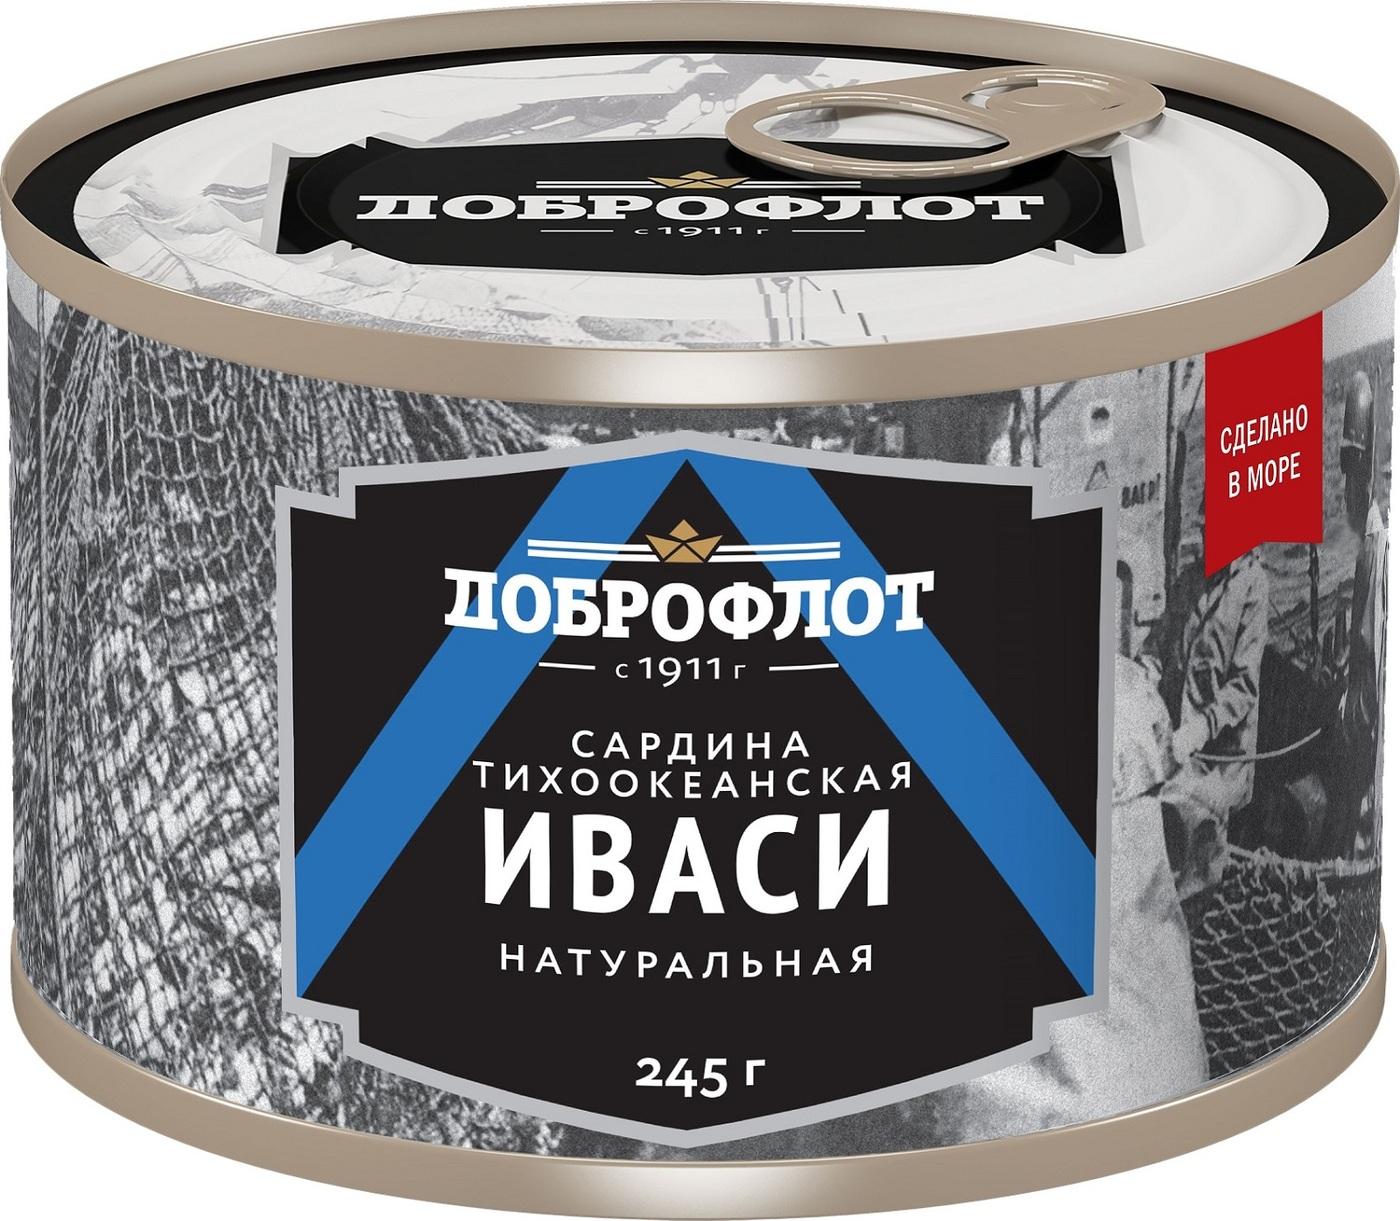 Что такое иваси? сельдь иваси. блюда из рыбы иваси :: syl.ru